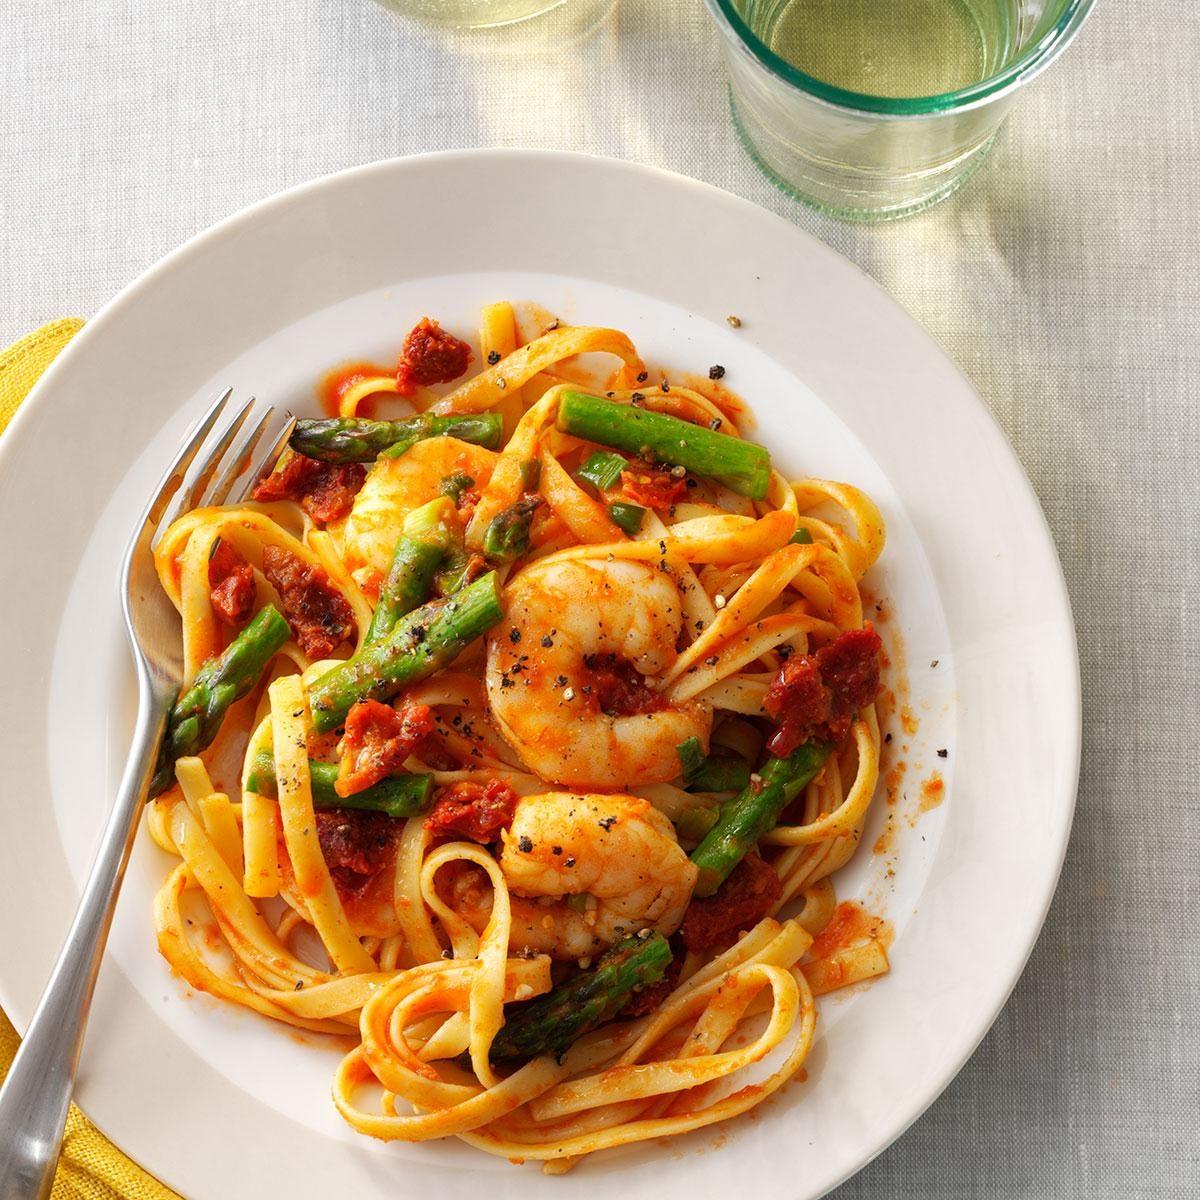 Mediterranean Shrimp 'n' Pasta Recipe